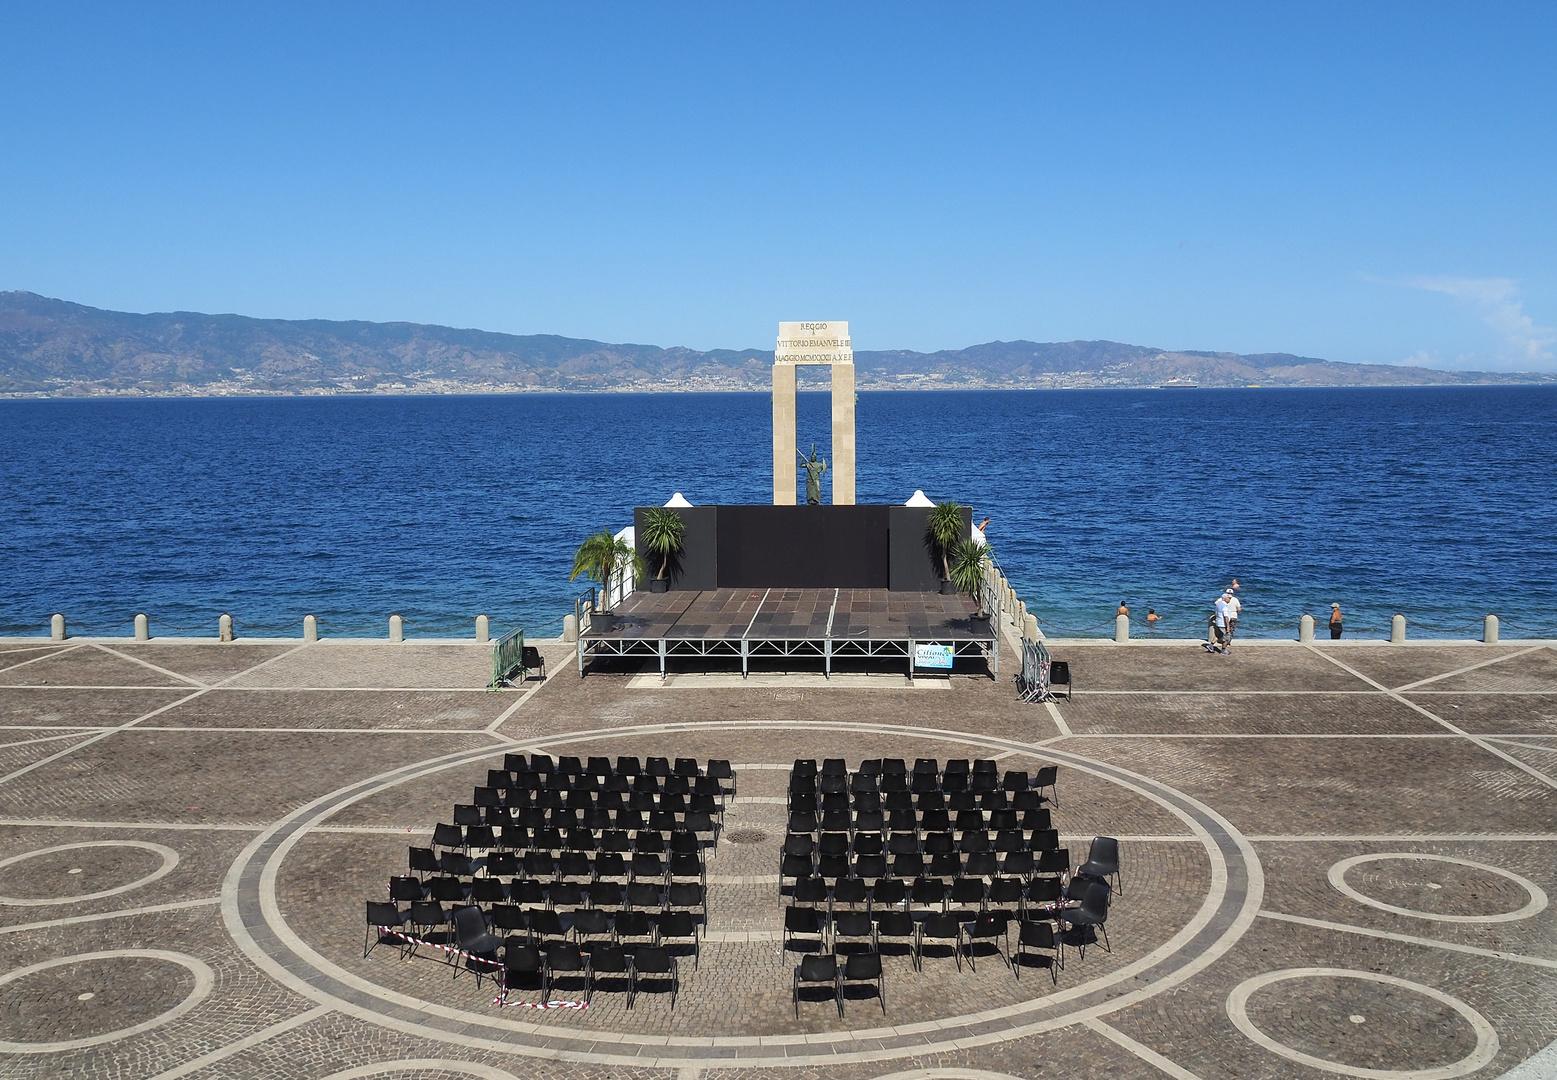 Freie Bühne in Reggio Calabria